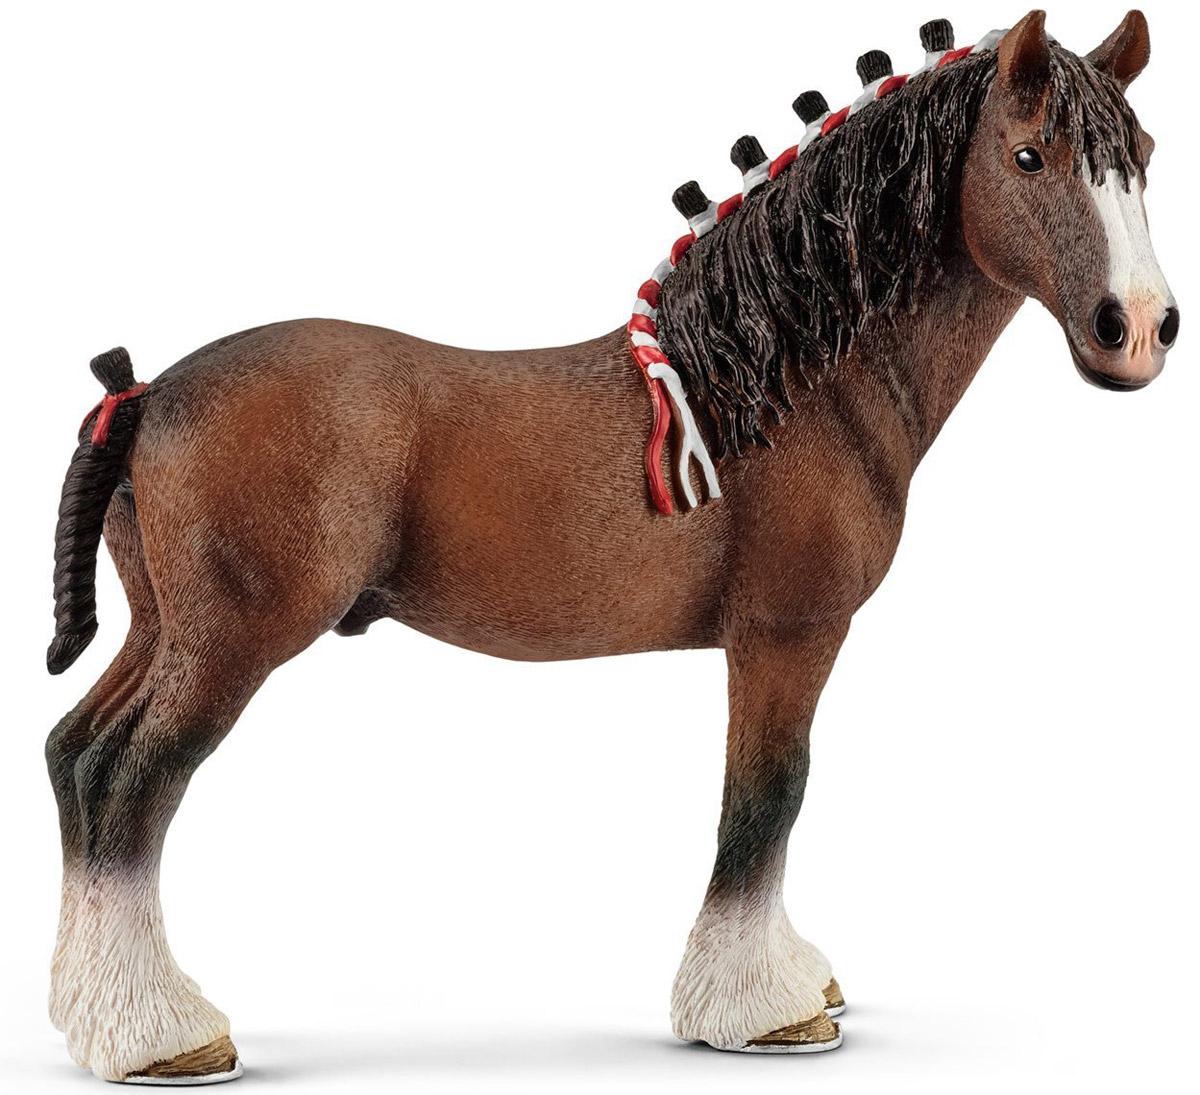 Schleich Фигурка Жеребец Клейдесдаль13808Фигурка Schleich Жеребец Клейдесдаль обязательно понравится вашему ребенку и дополнит его коллекцию лошадей. Все фигурки Schleich выполнены из гипоаллергенных высокотехнологичных материалов, раскрашены вручную и не вызывают аллергии у ребенка. Прекрасно выполненные фигурки отличаются высочайшим качеством игрушек ручной работы. Все они создаются при постоянном сотрудничестве с Берлинским зоопарком, а потому являются максимально точной копией настоящих животных. Каждая фигурка разработана с учетом исследований в области педагогики. Клейдесдальские лошади большие и сильные, у них большие уши и короткая шея. У этих лошадей дружелюбный характер, они очень трудолюбивые. У этих лошадей очень большие копыта. Длина их подковы с одного конца до другого составляет целых 5 сантиметров. Подковать такую лошадь - непростая задача для кузнеца, ведь их подковы могут весить до 2.5 кг, что в 4-5 раз превышает вес подковы породистой лошади. Несмотря на то, что...